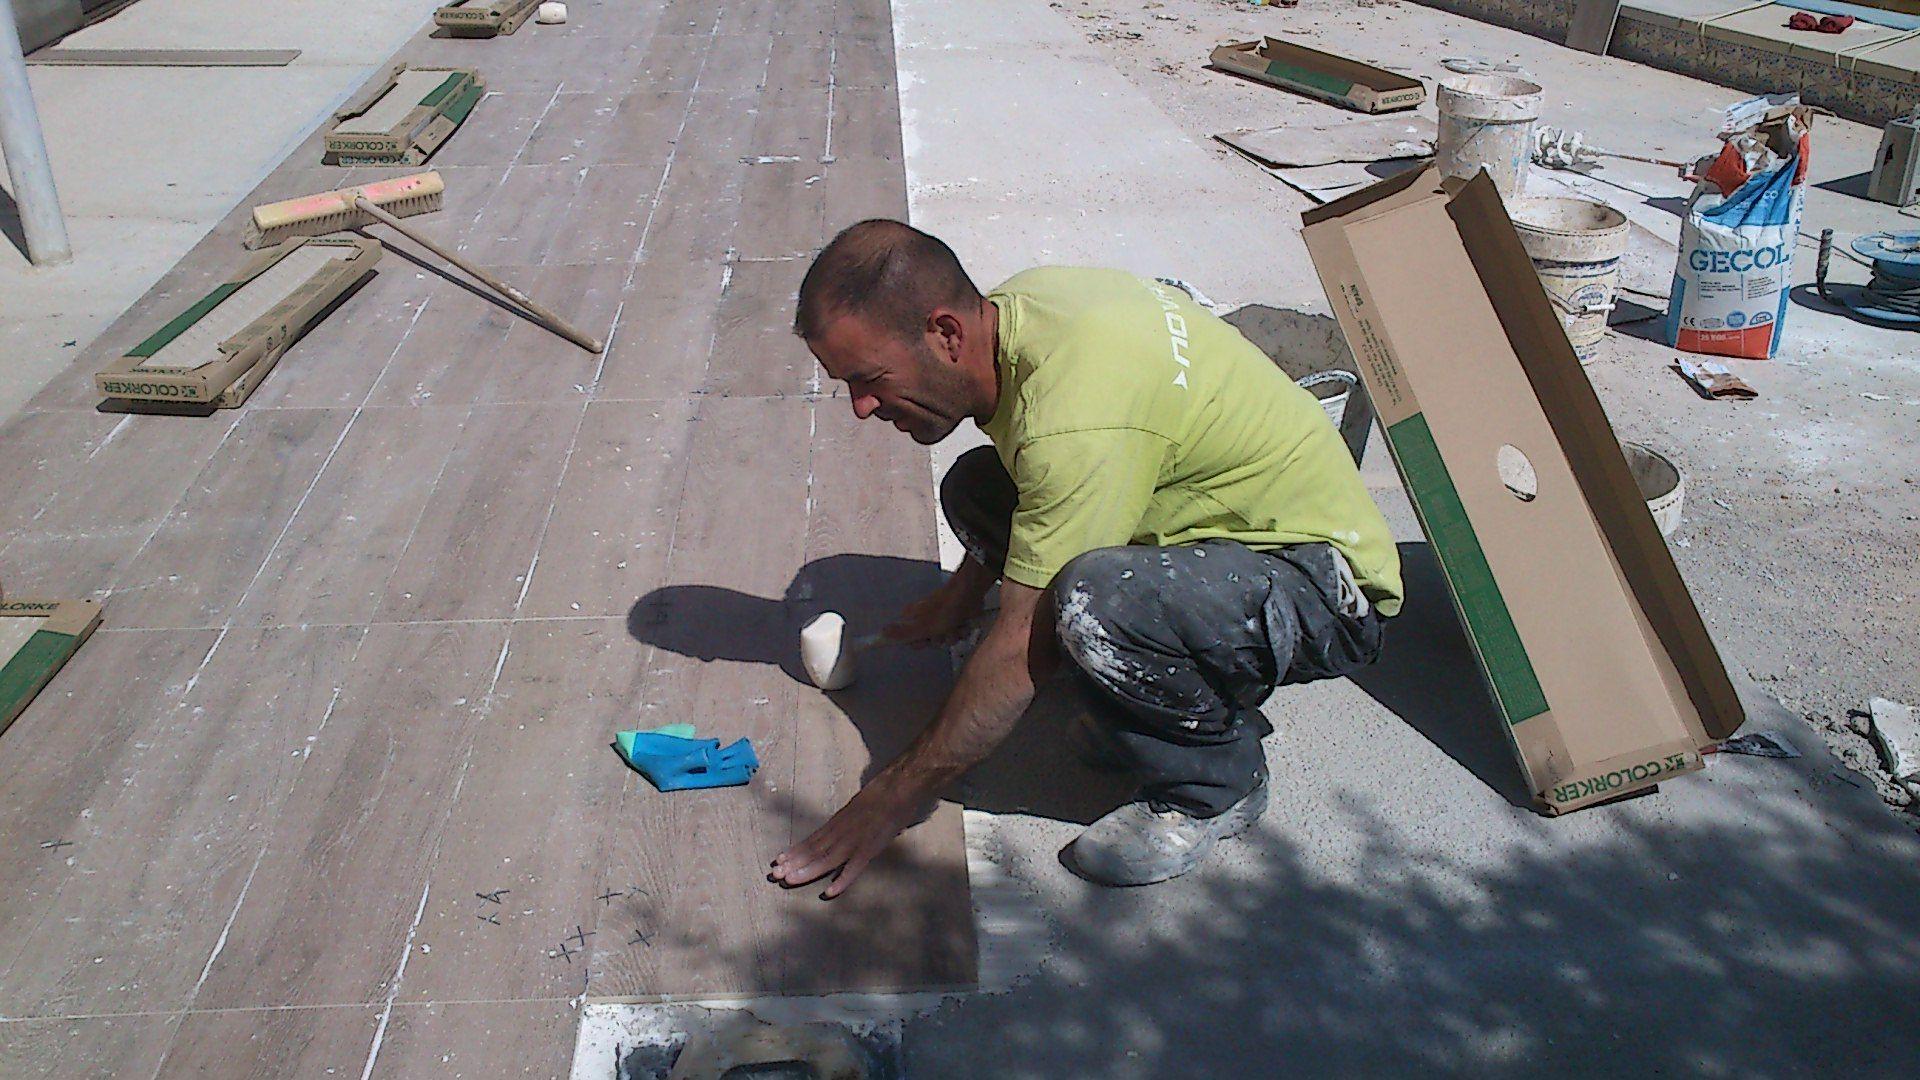 Gres porcel nico todo lo que hay que saber antes de comprarlo suelo exterior chalet gres - Limpieza suelo porcelanico ...